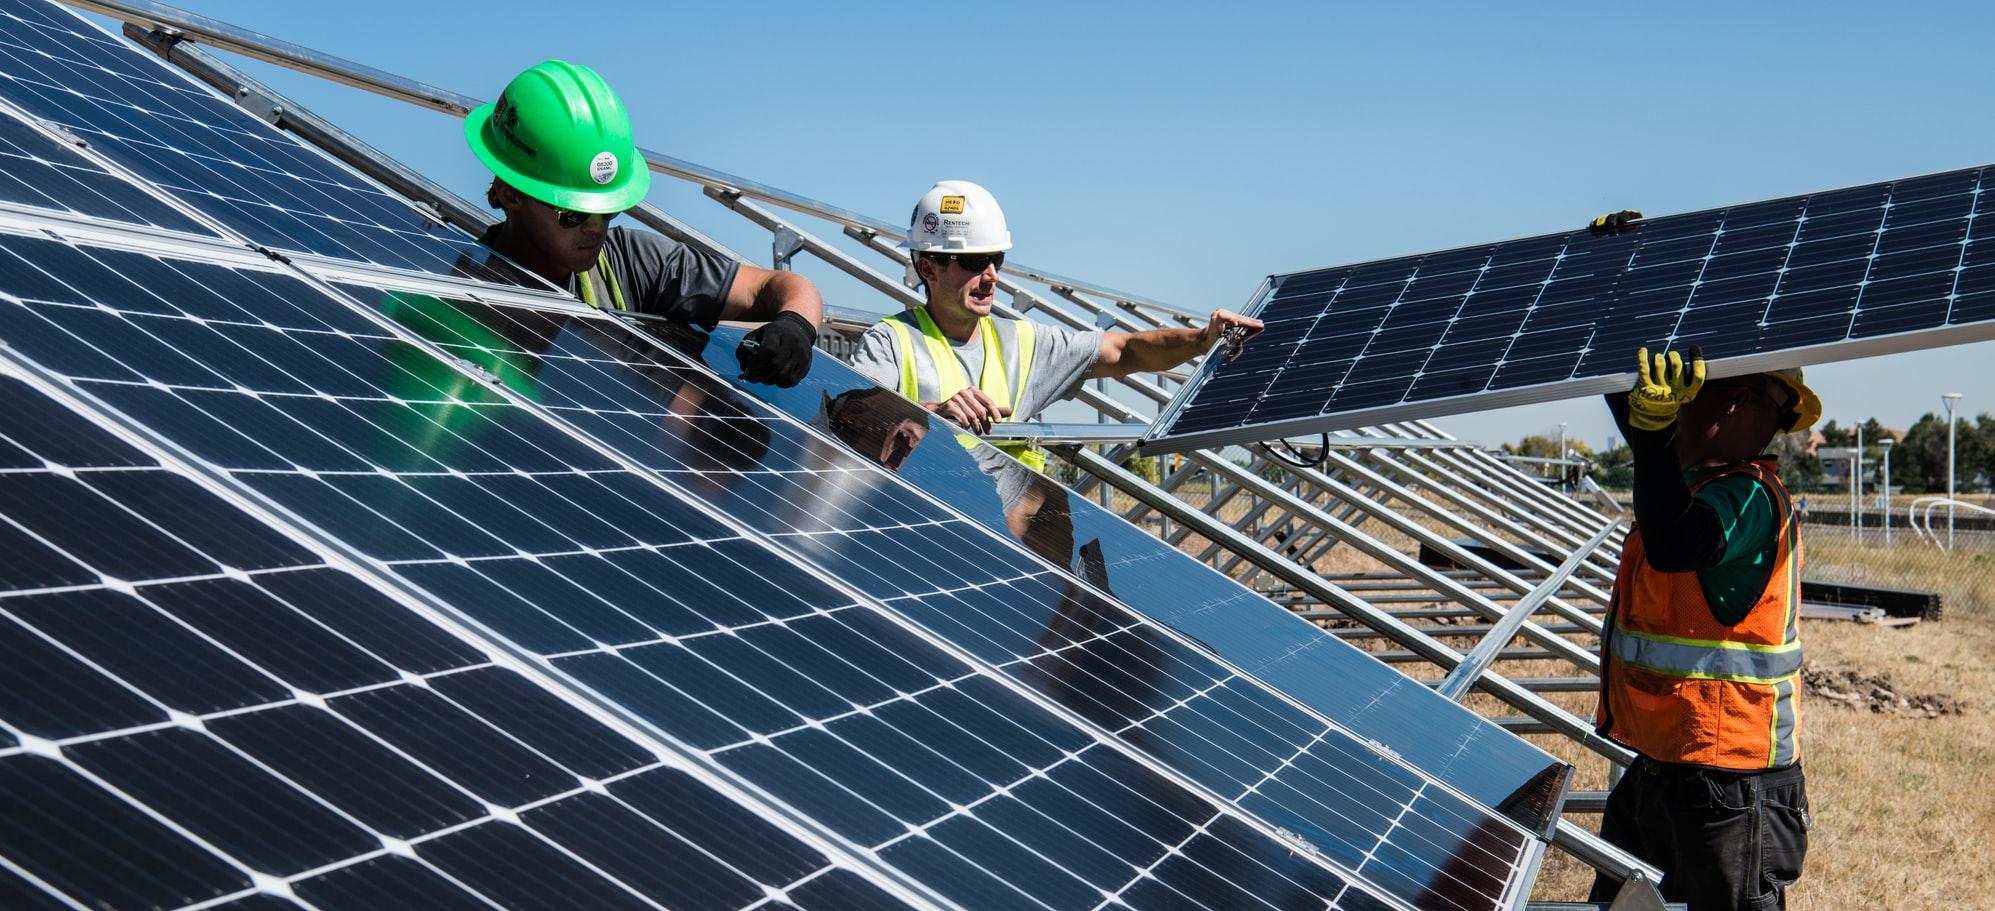 Ernüchternde Bilanz: Klimaschutzziele im Kreis weit verfehlt – Grüne schlagen Stabstelle Erneuerbare Energien vor